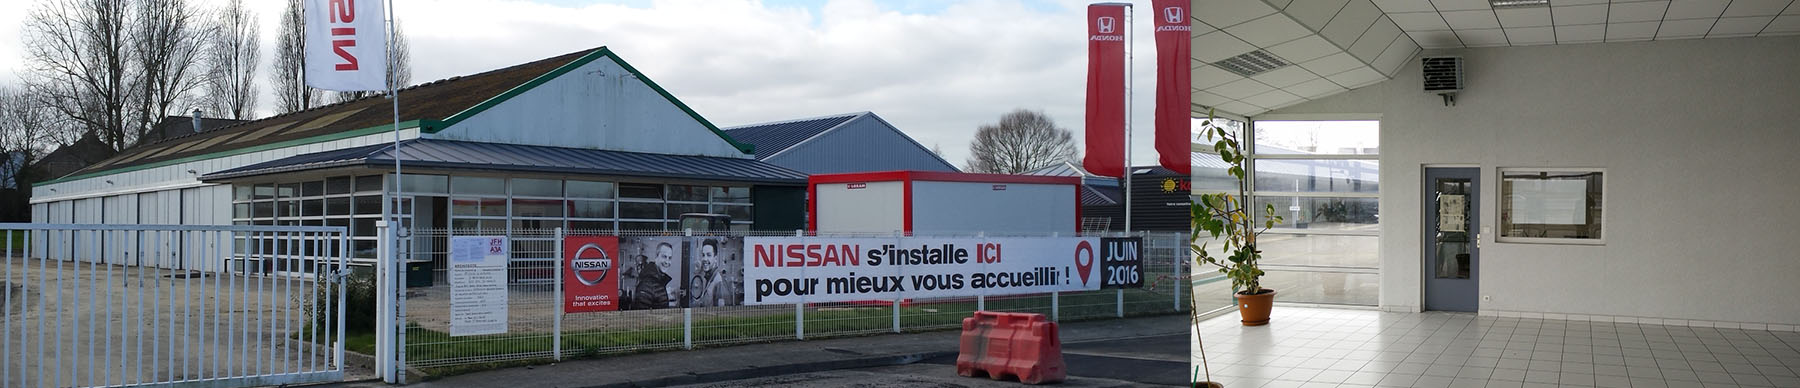 CONCESSION NISSAN à ST JOUAN DES GUERETS (35)